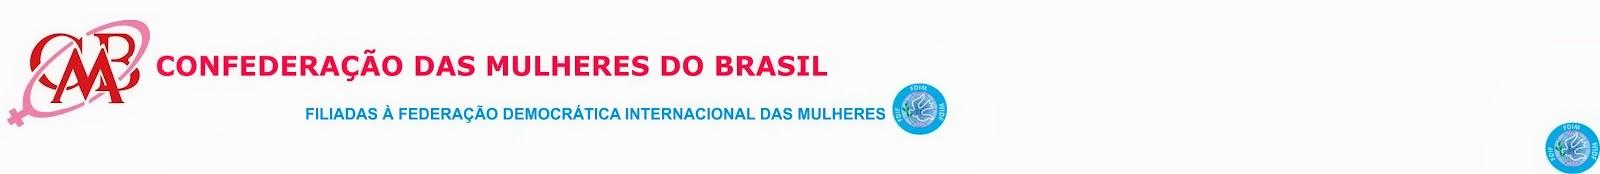 Confederação das Mulheres do Brasil